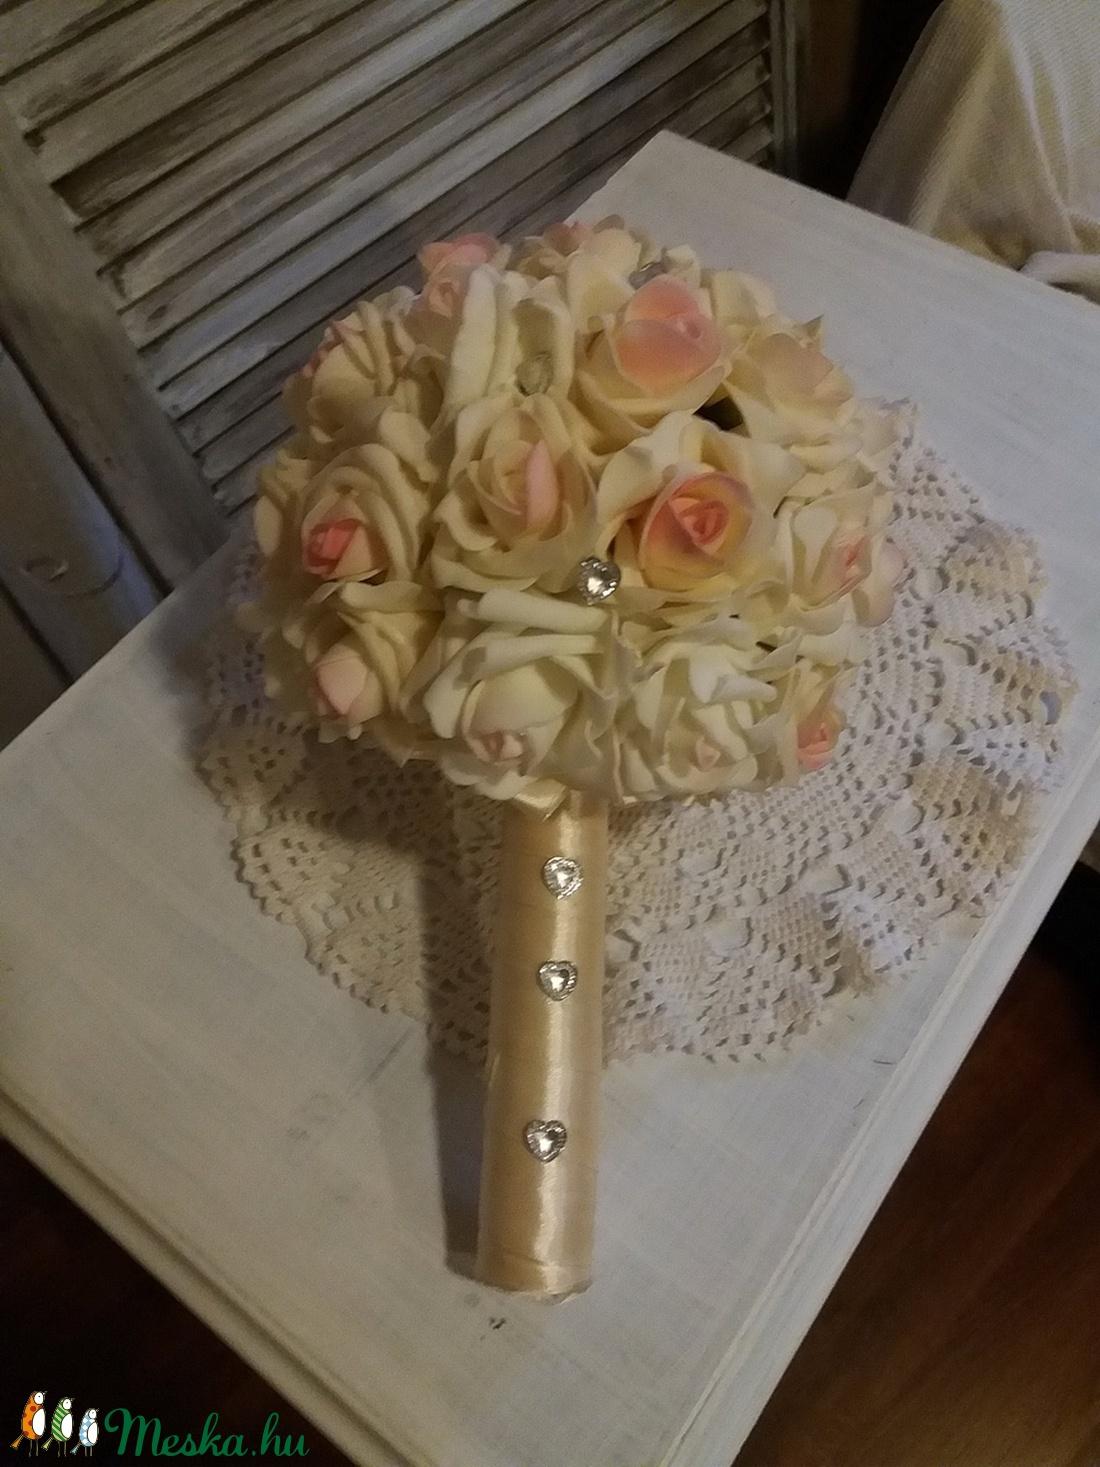 c57bb12af4 (orchideavirag59) Polifoam menyasszonyi csokor ,örök esküvői csokor, különleges és romantikus esküvőre.